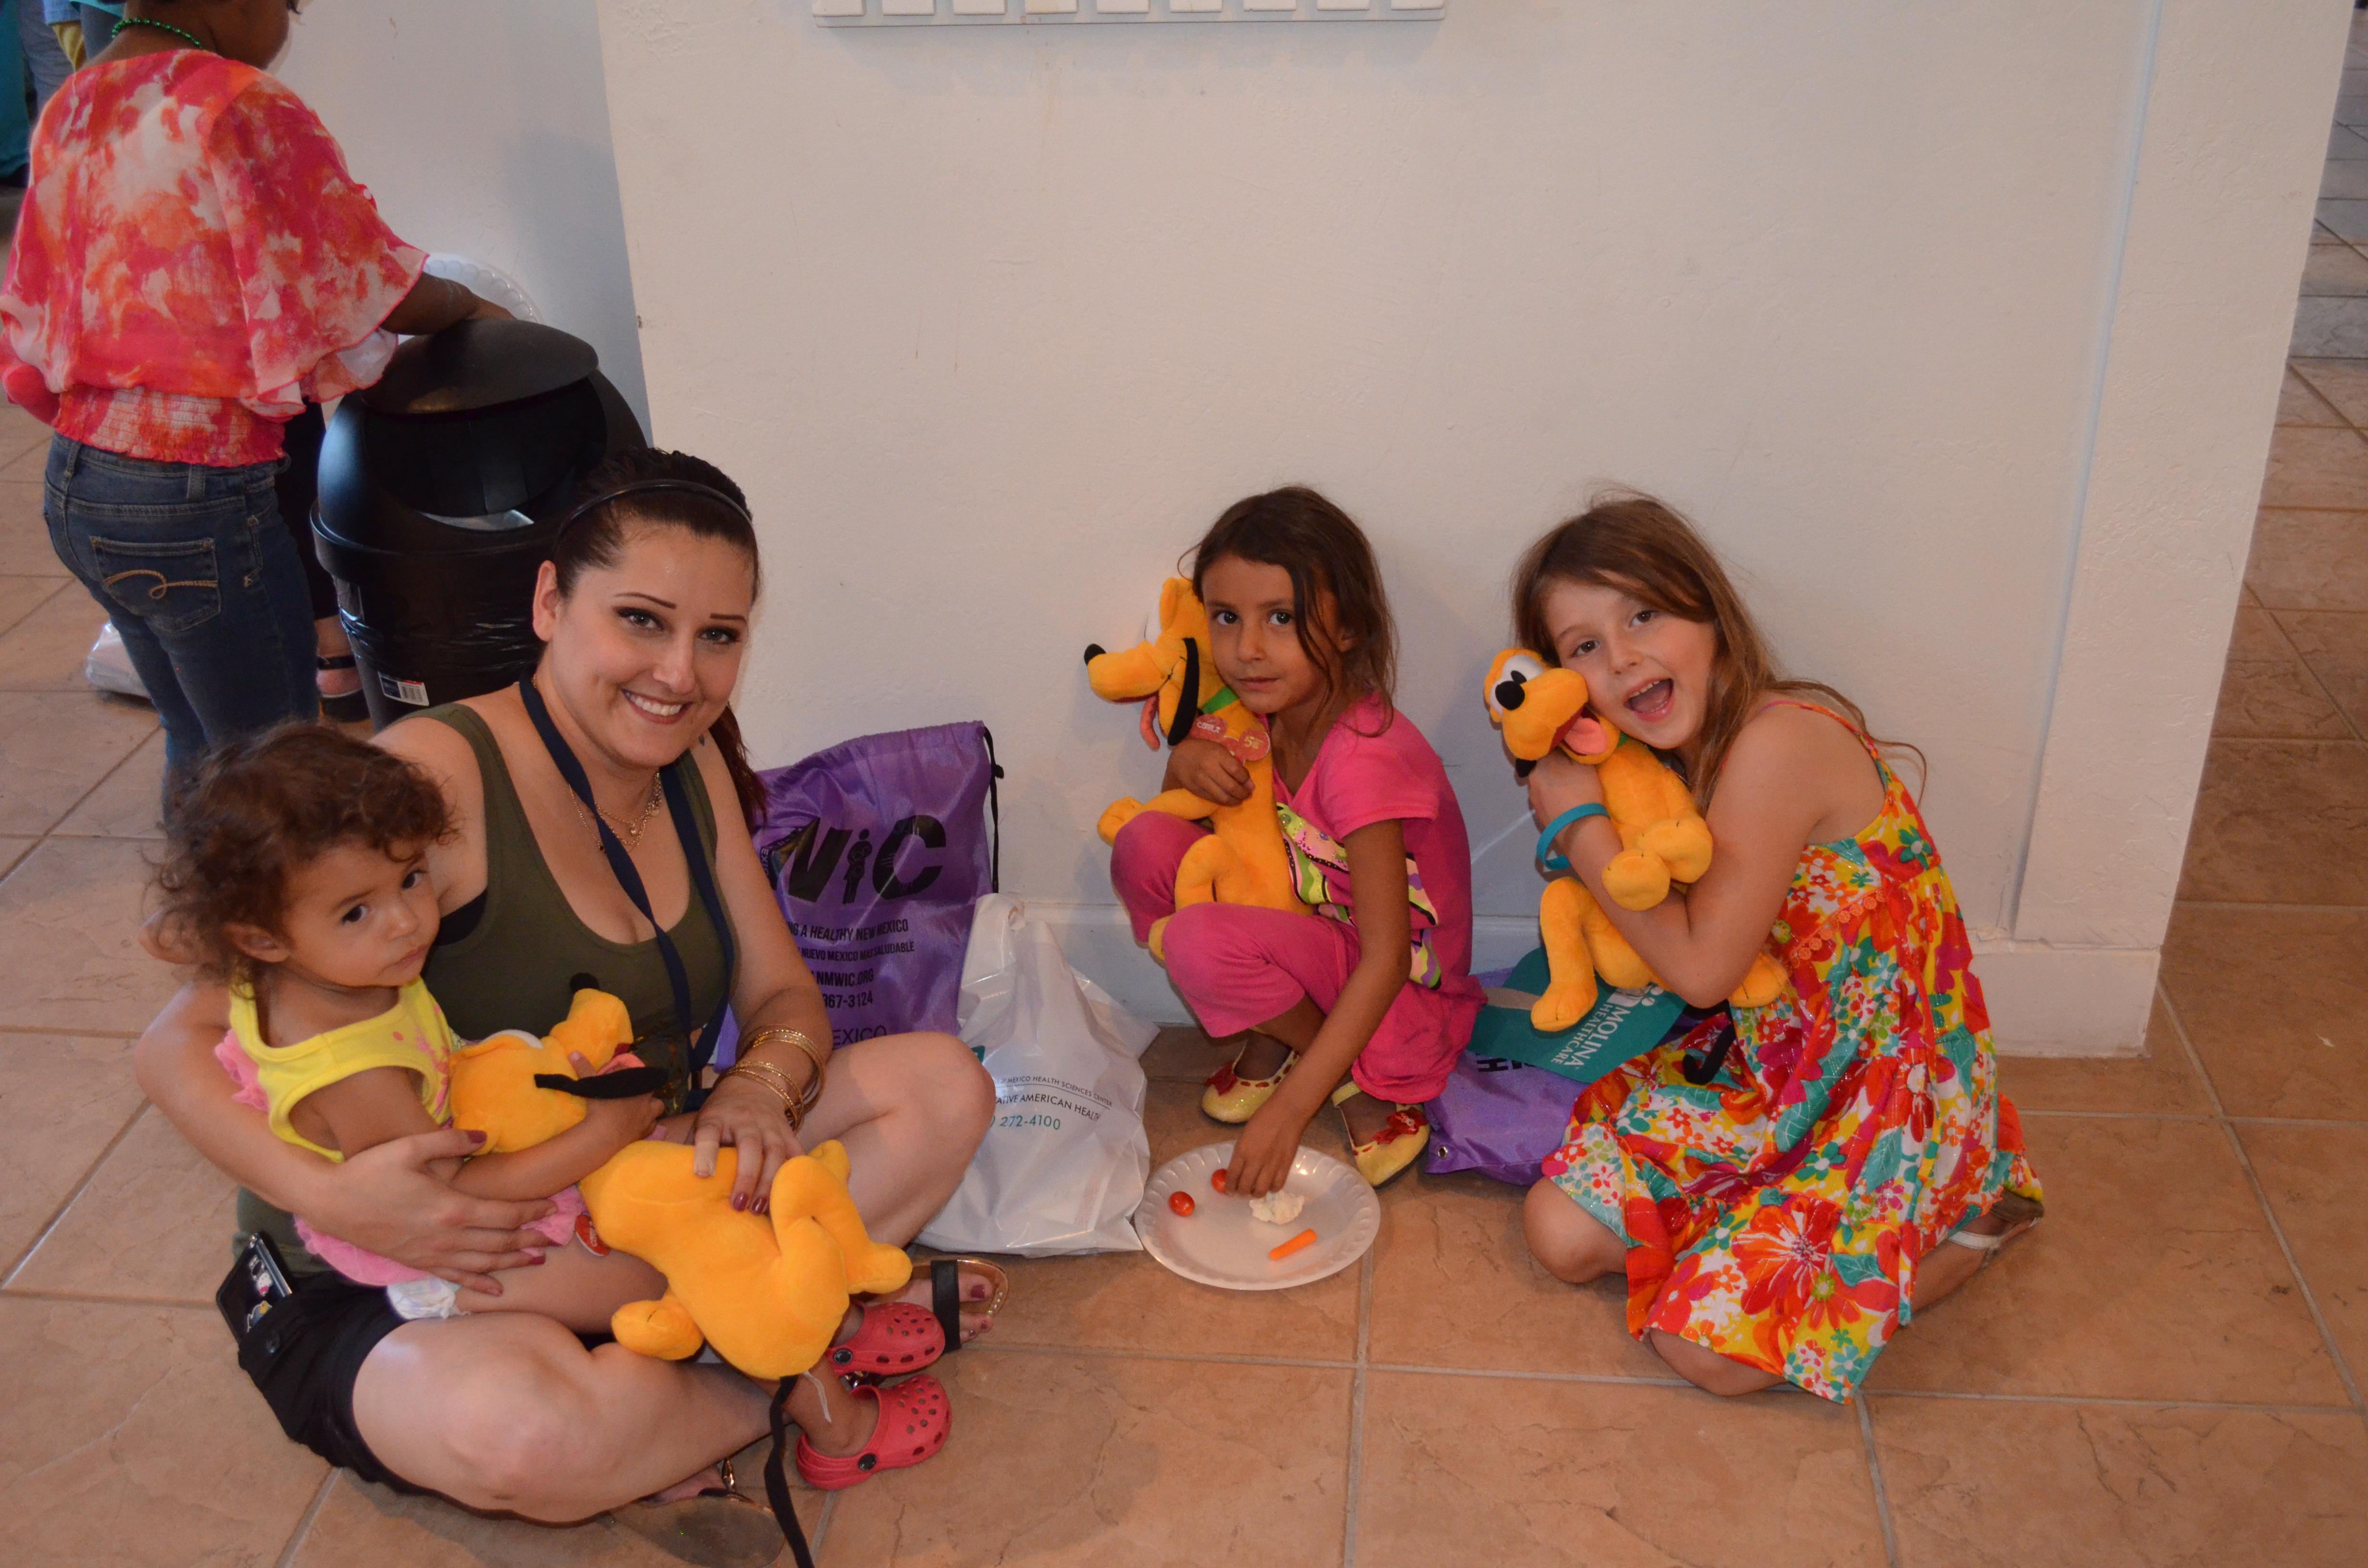 Mama mit drei Mädchen. Jedes Mädchen hält einen ausgestopften Pluto.